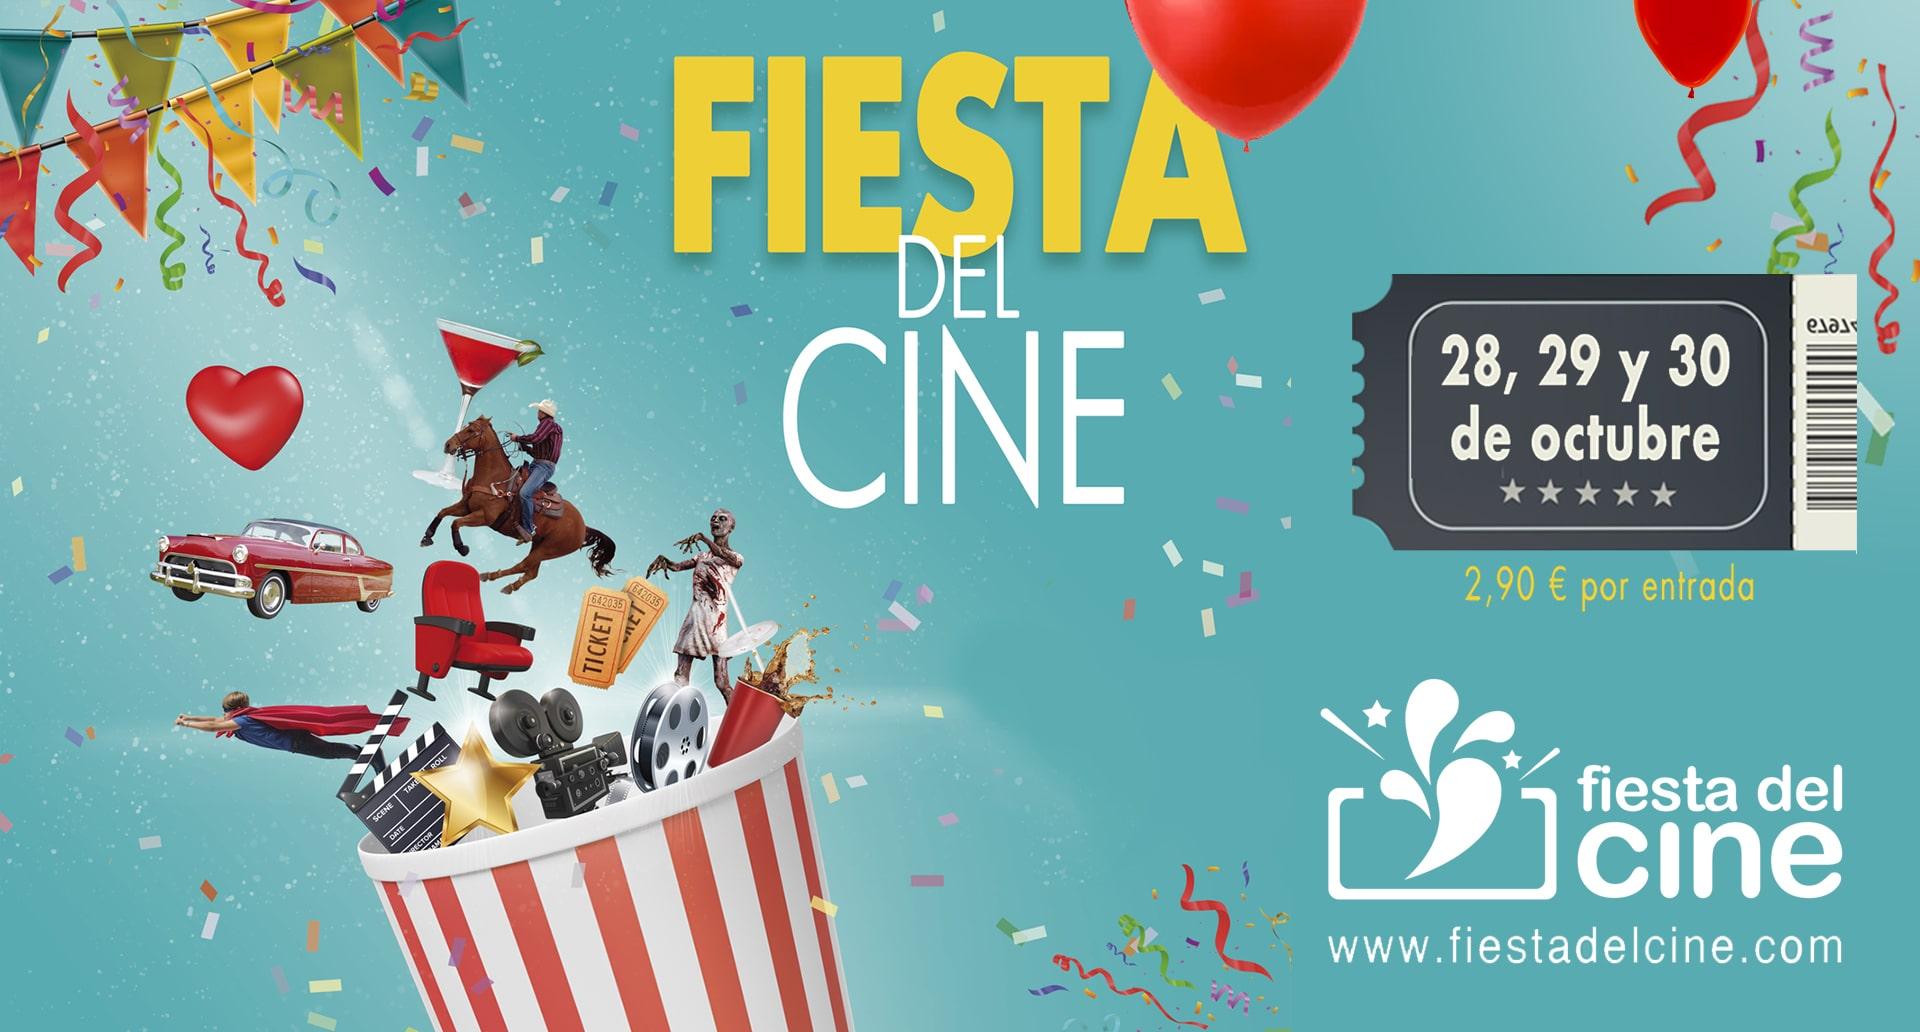 Vuelve la Fiesta del Cine a Gorbeia Zinemak